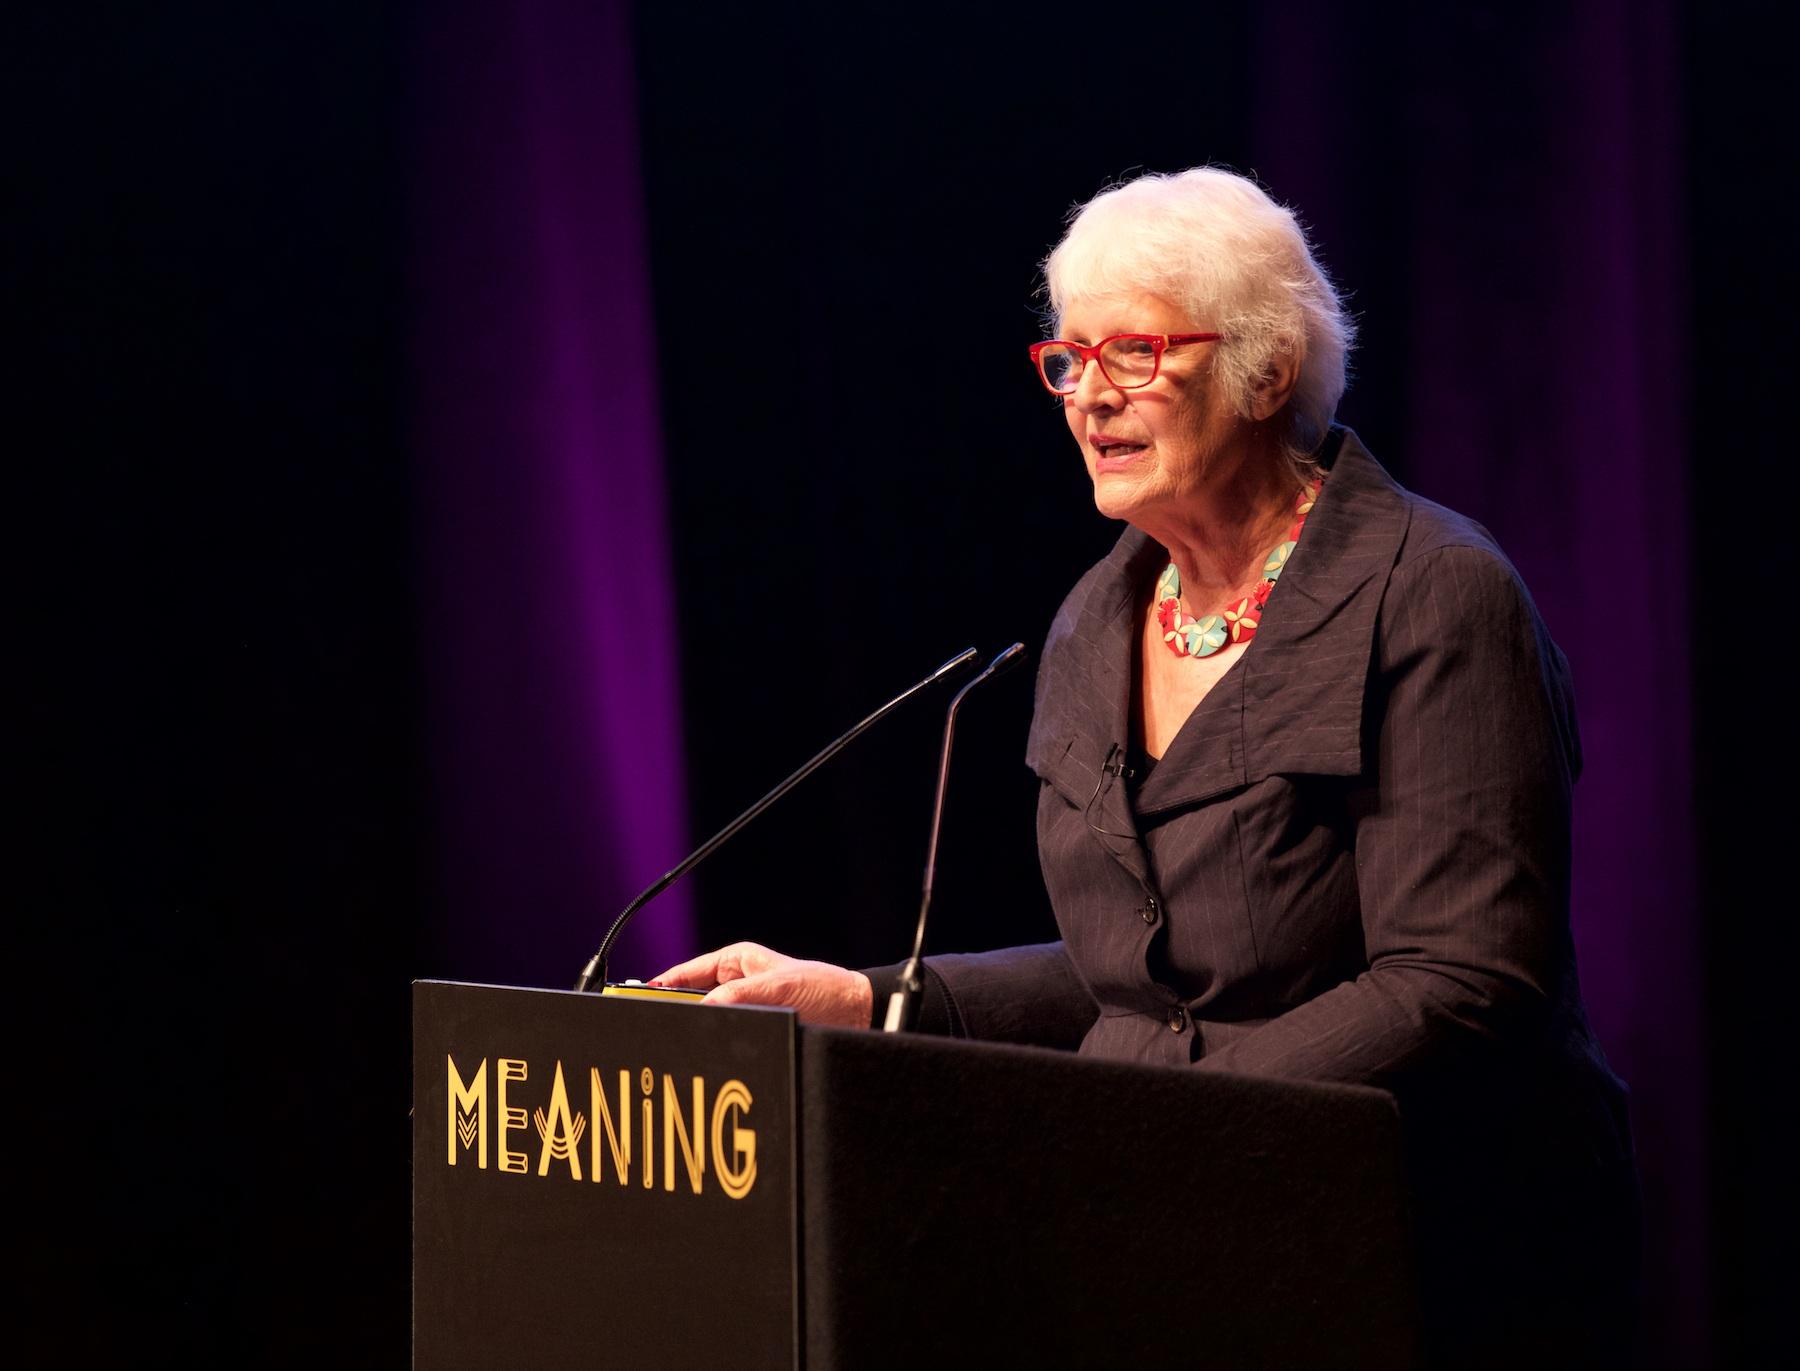 Lani Morris at Meaning 2018